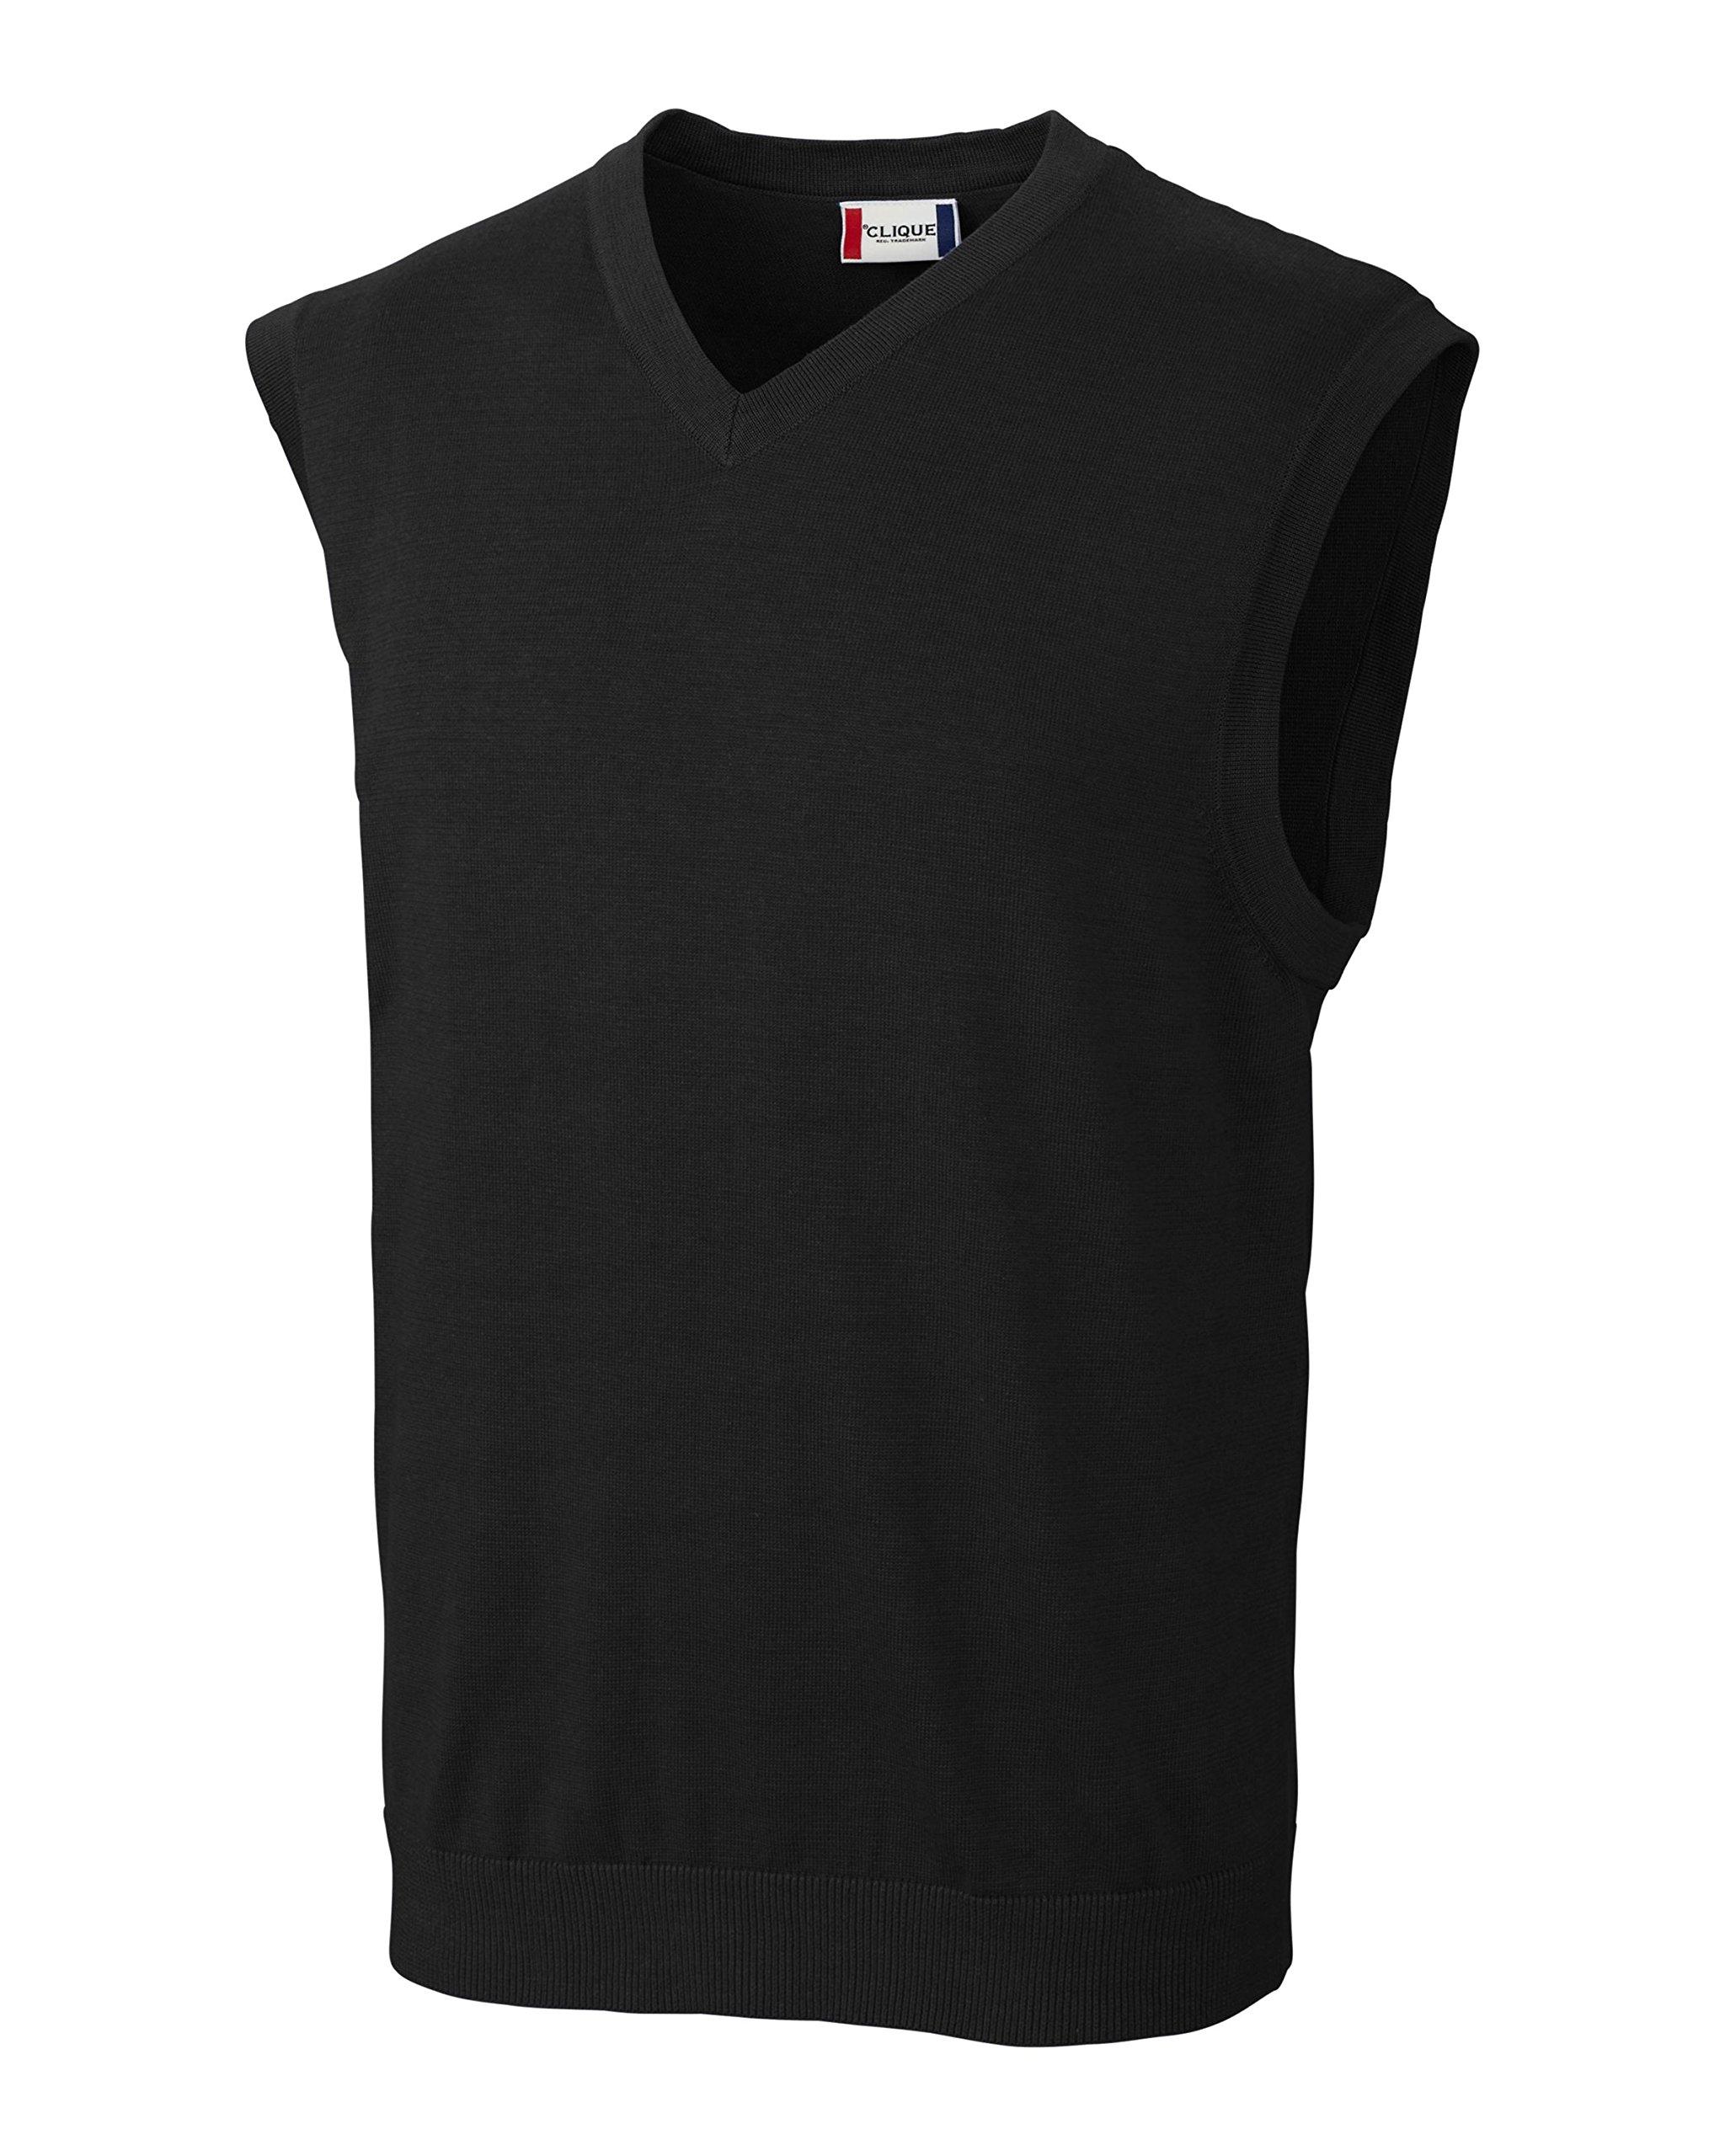 Clique Men's Imatra V-Neck Sweater Vest, Black, 4X-Large by Clique